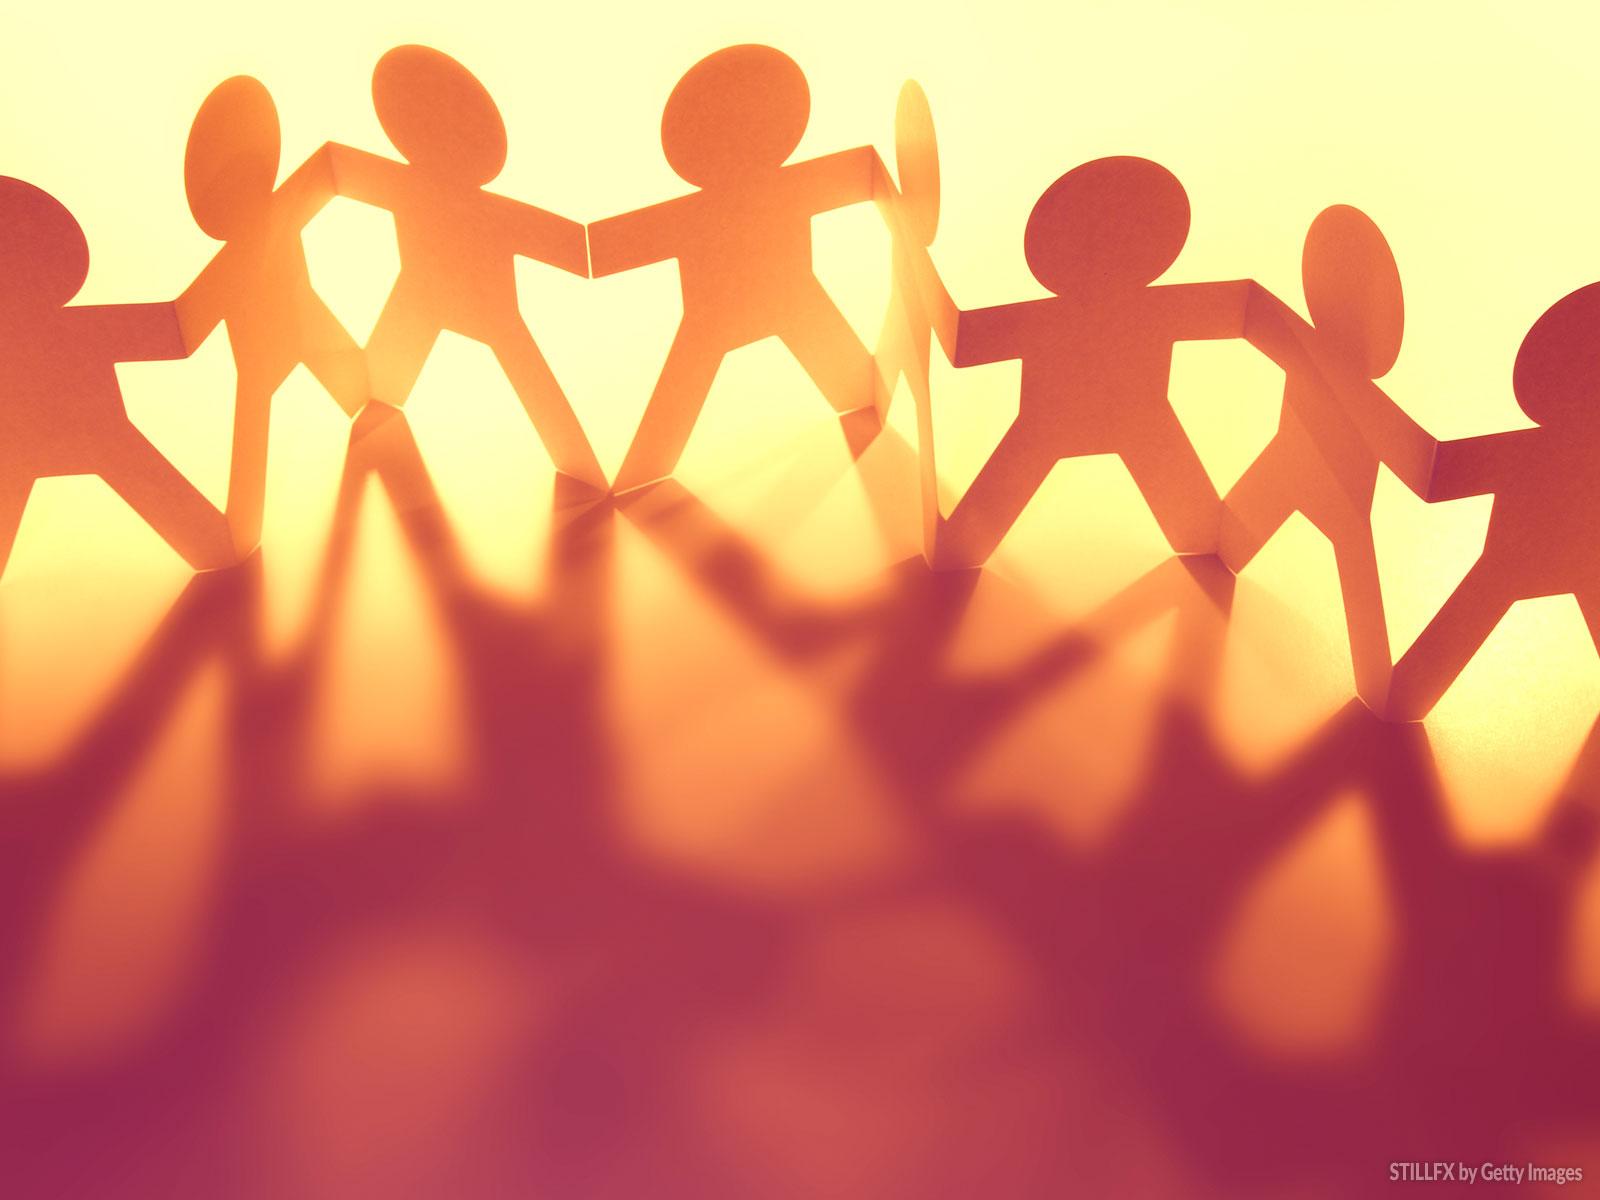 -Solidariedade:-é-preciso-considerar-a-importância-do-outro-